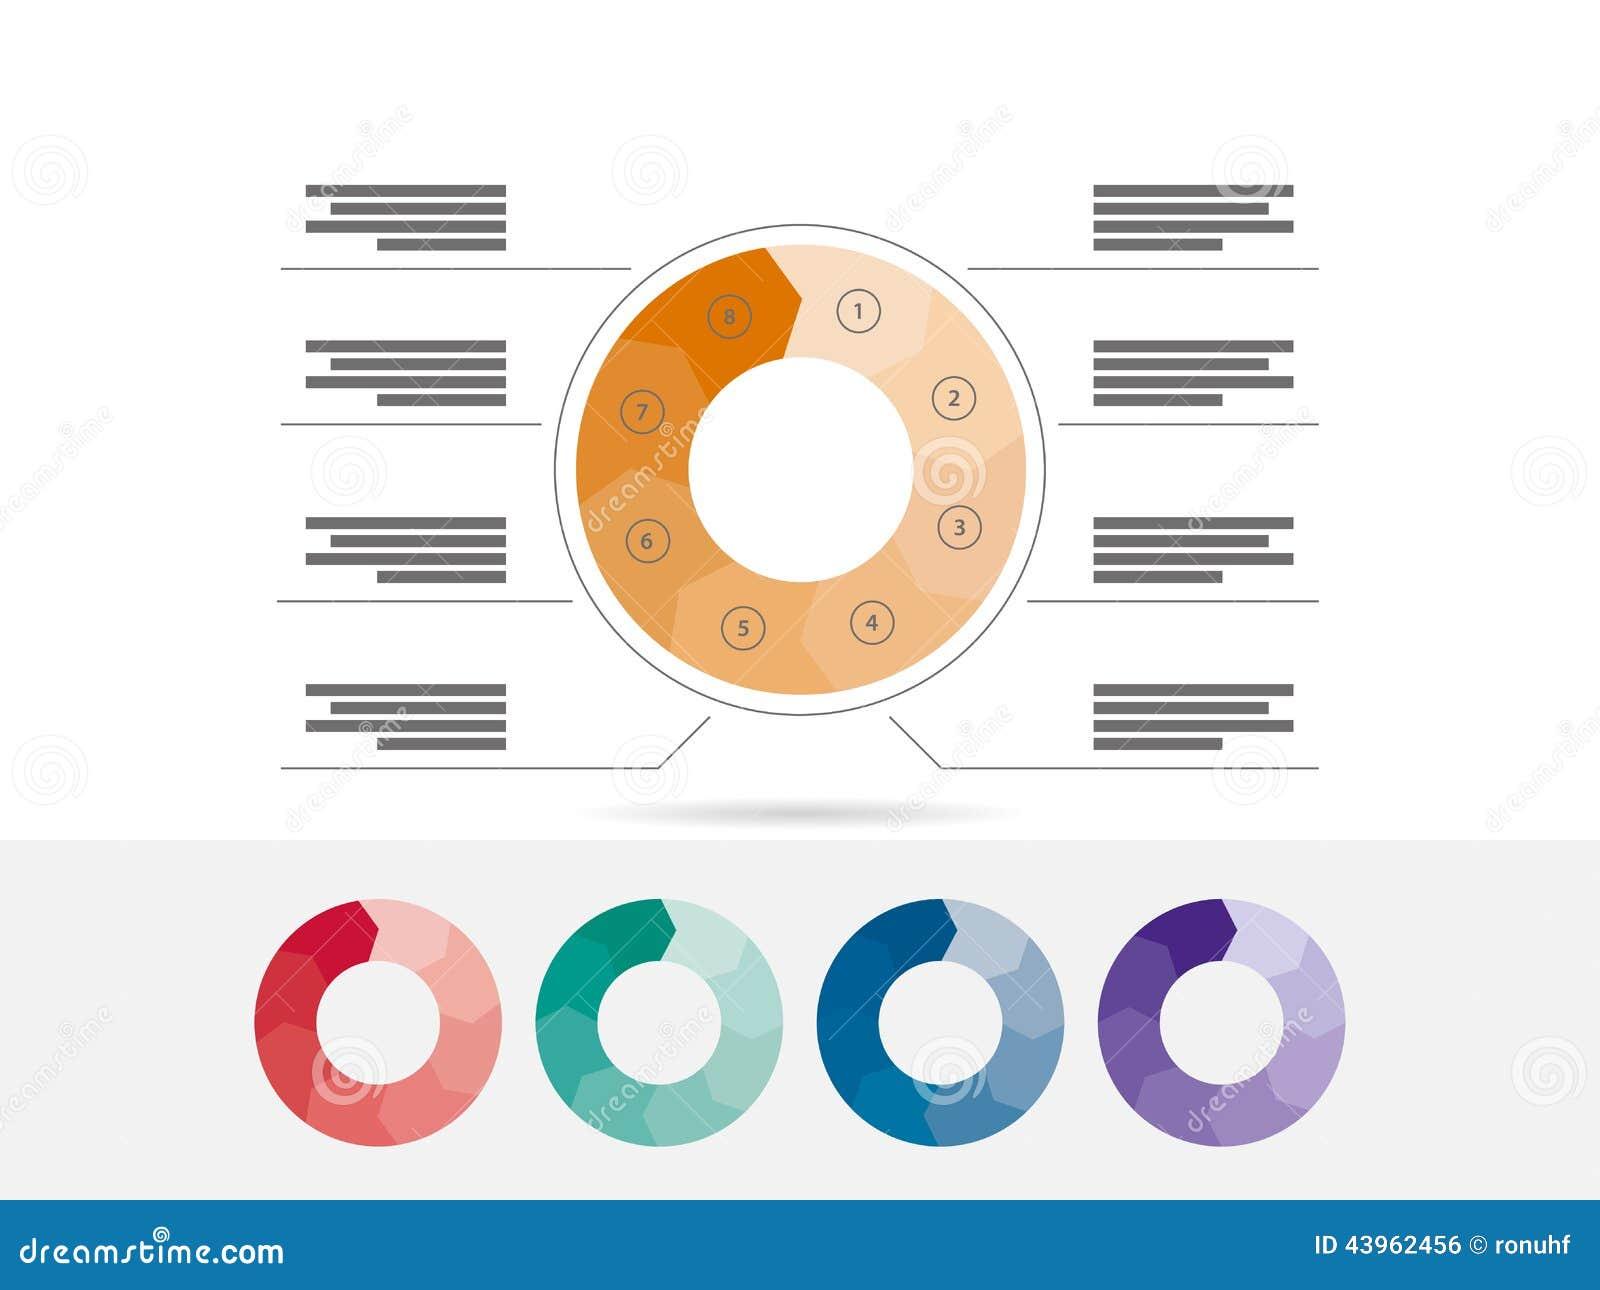 您的企业介绍的平的几何图模板与正文和象